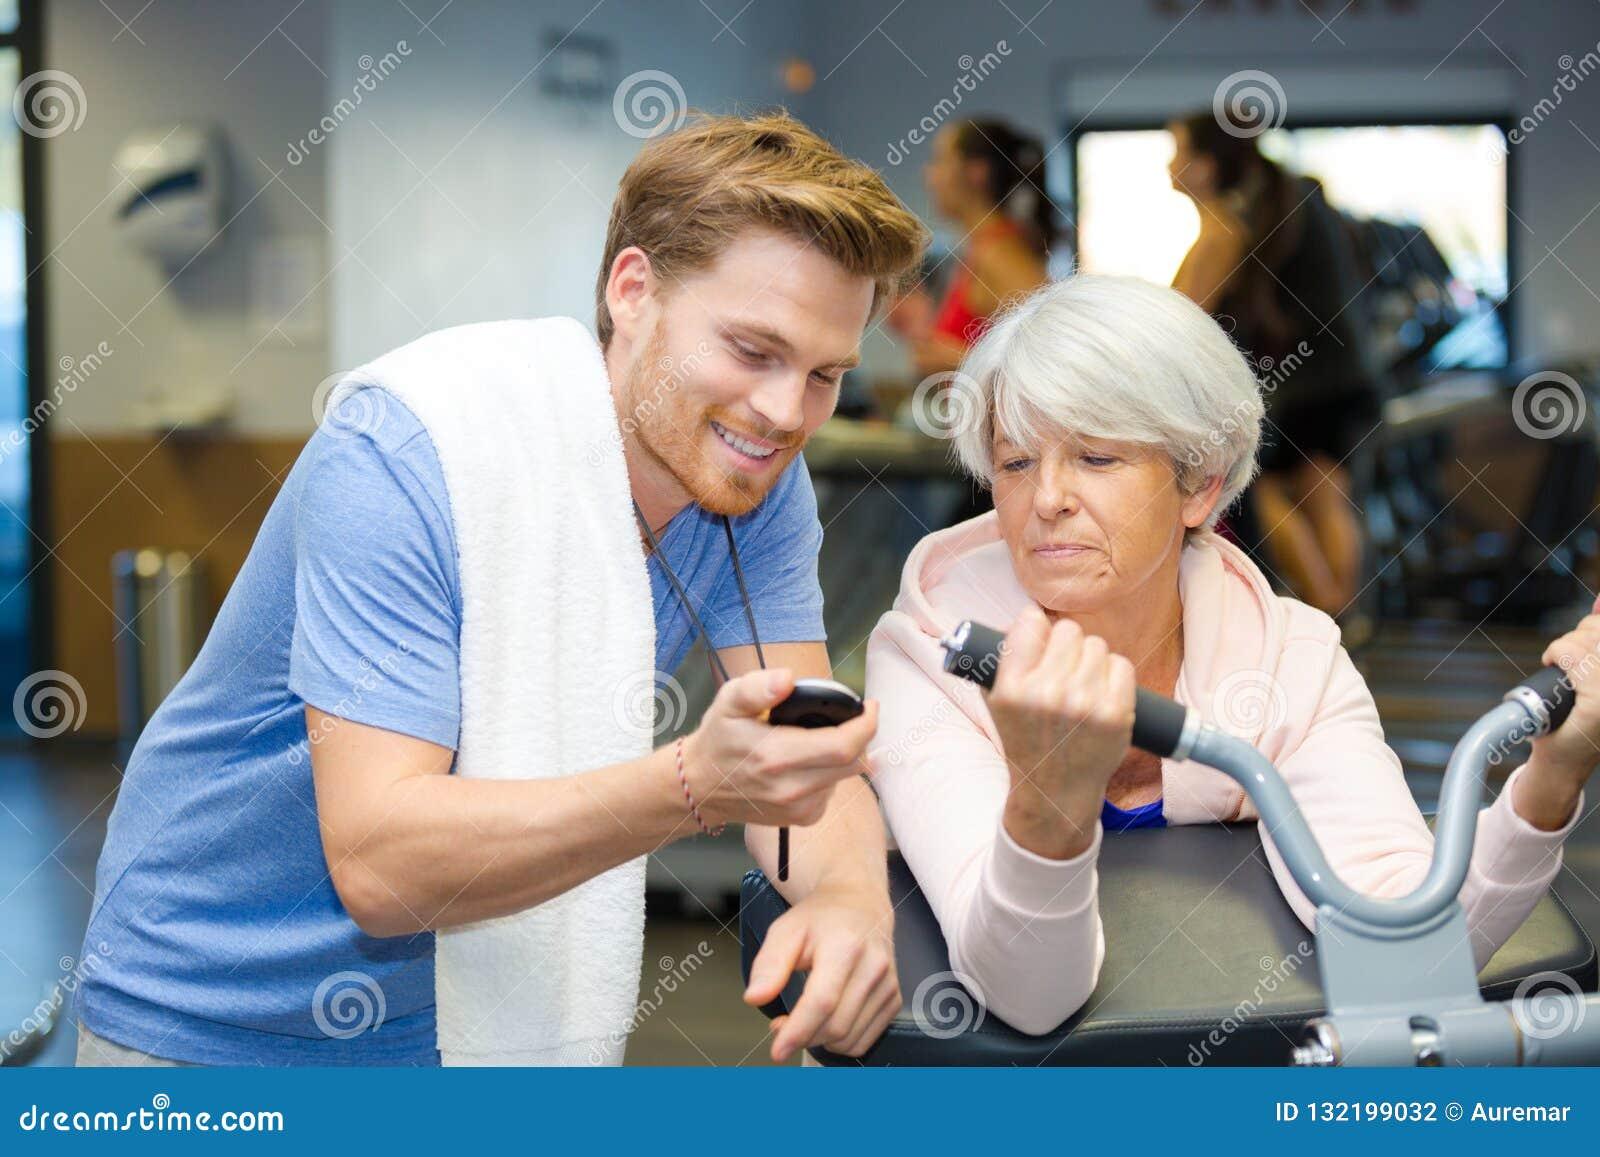 Προσωπικός εκπαιδευτής που παρουσιάζει χρόνο χρονομέτρων με διακόπτη στον ανώτερο πελάτη